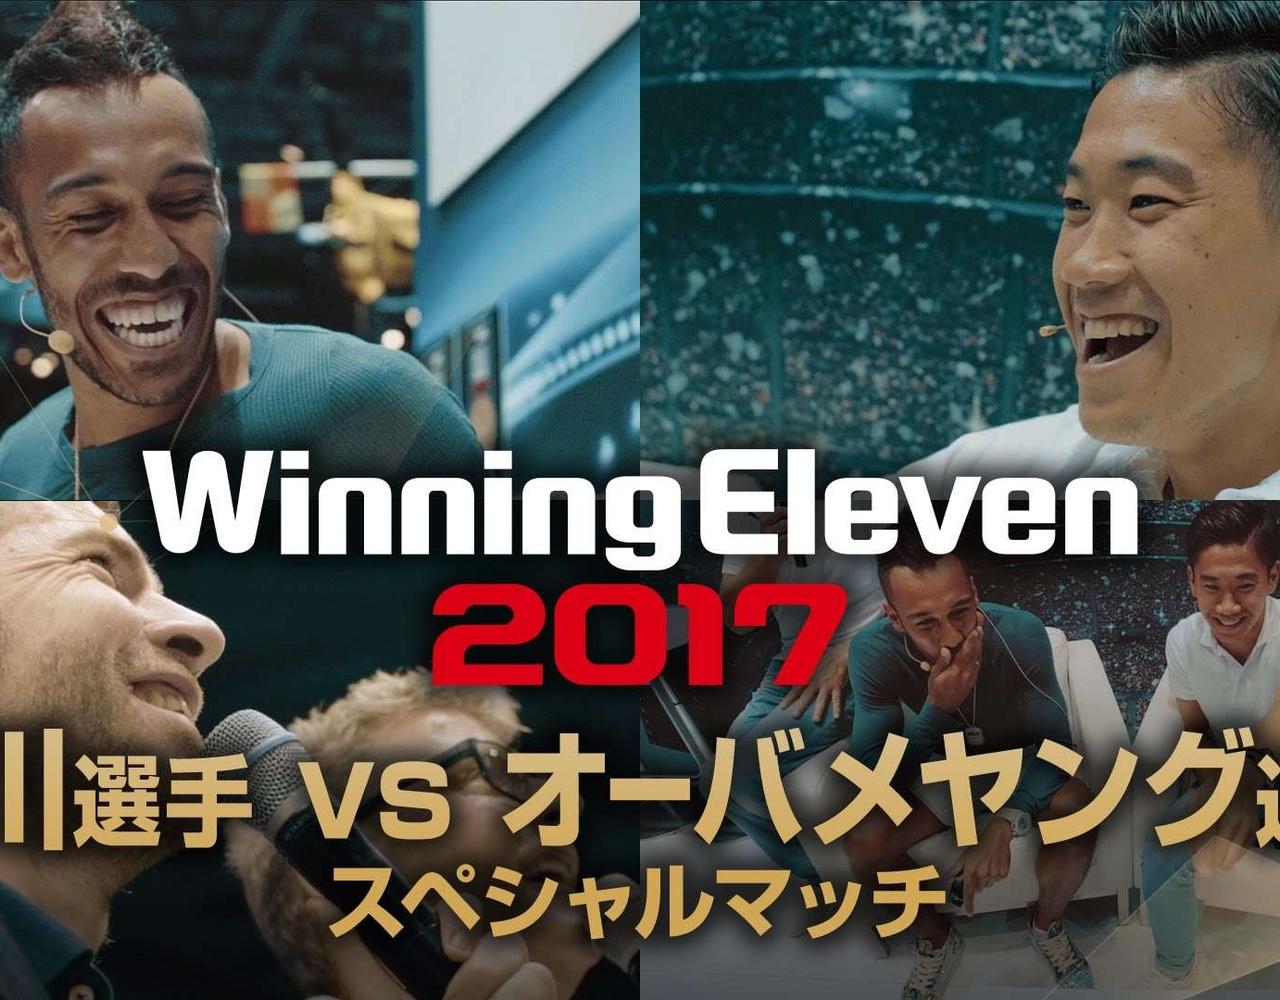 实况足球:香川真司 vs オーバメヤング选手